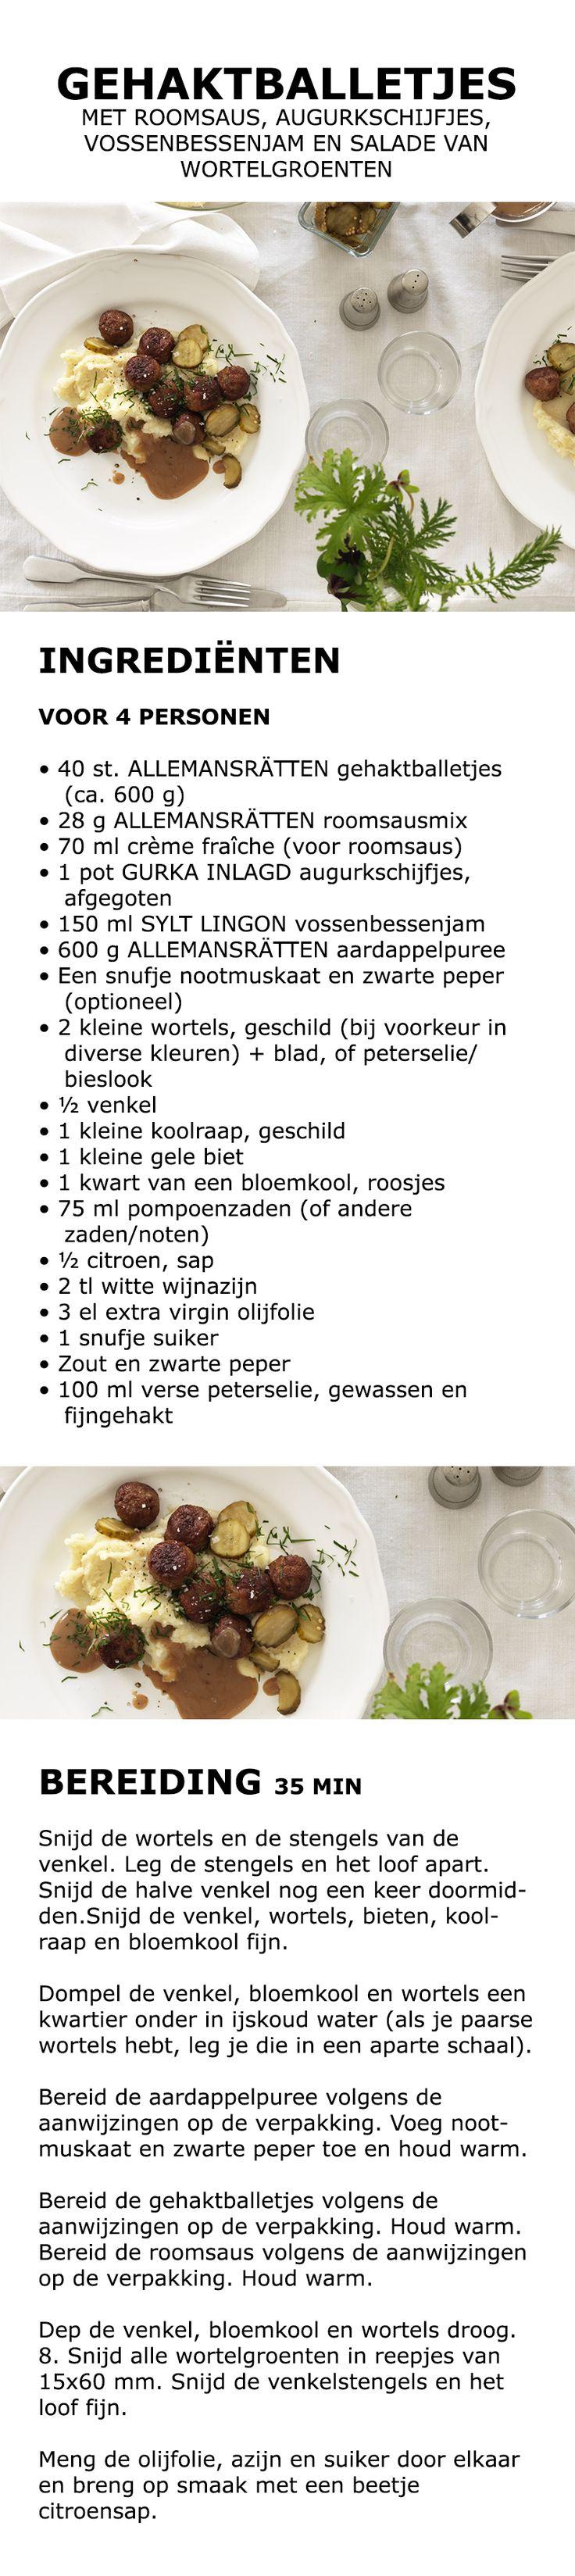 Inspiratie voor de feestdagen - Gehaktballetjes met roomsaus, augurkschijfjes, vossenbessenjam en salade van wortelgroenten | IKEA IKEAnederland koken keuken recept herfst winter kerst diner lunch wortel koolraap gele biet puree pompoenzaden citroen